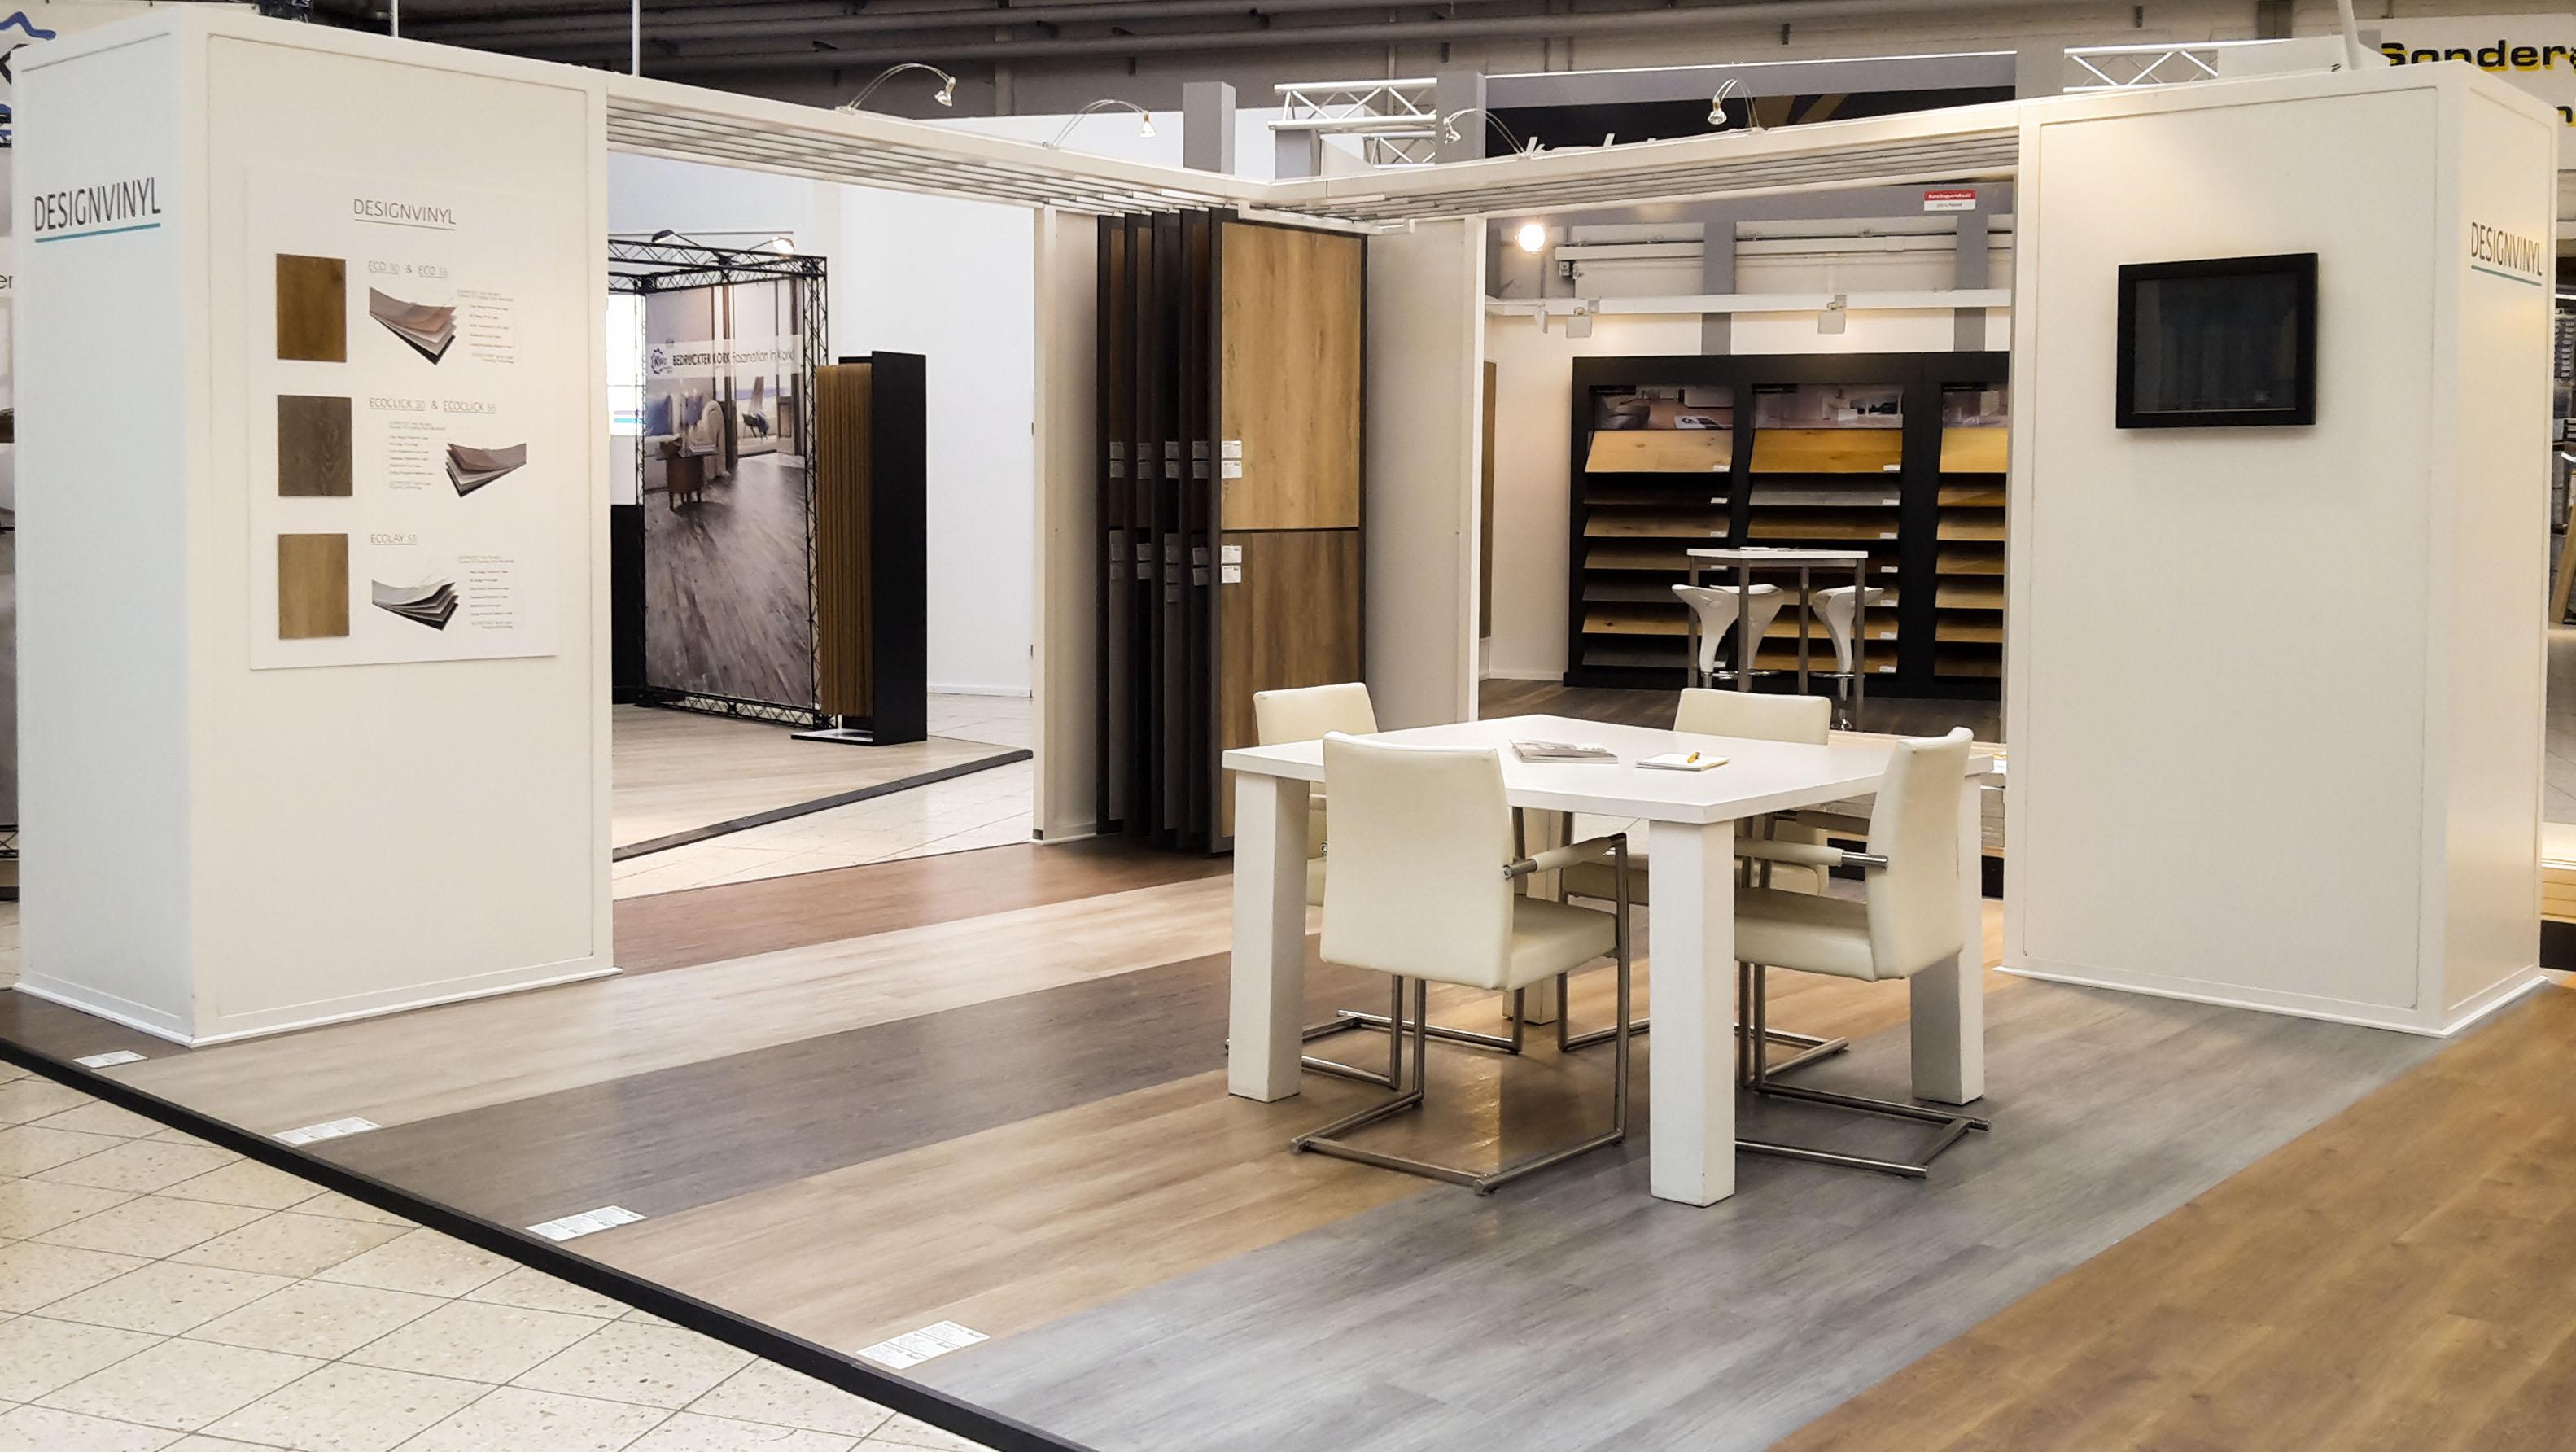 Der Parkett Riese Ausstellung – Designvinyl Studio